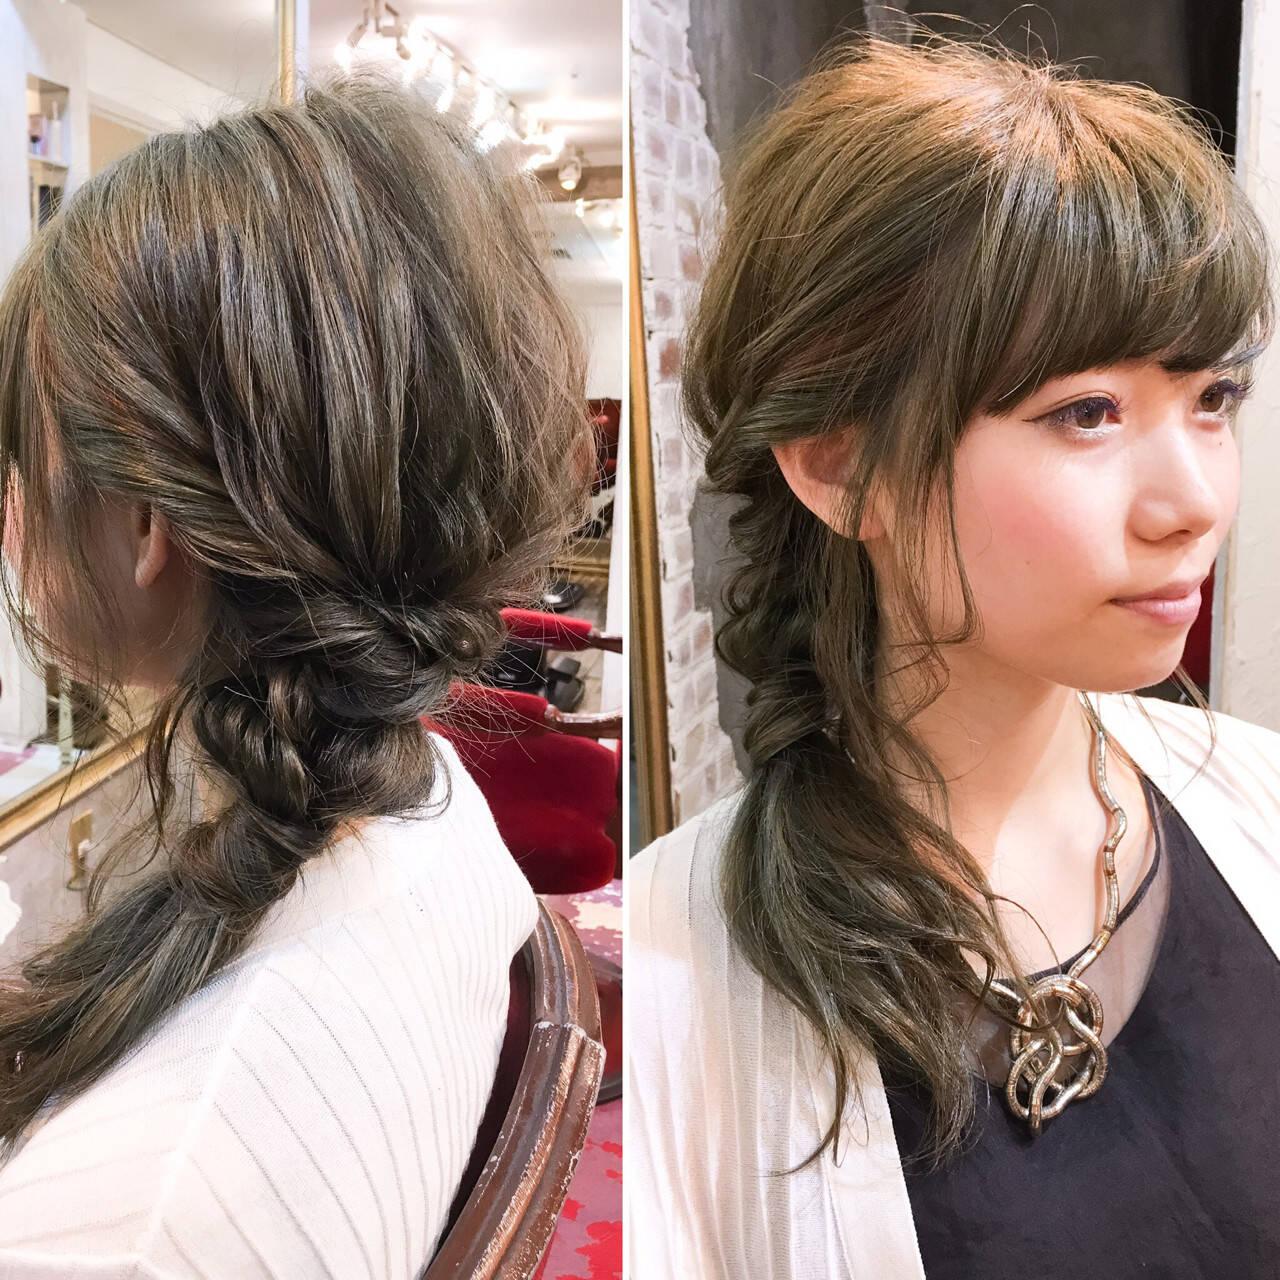 ハーフアップ ミディアム 大人かわいい パーマヘアスタイルや髪型の写真・画像